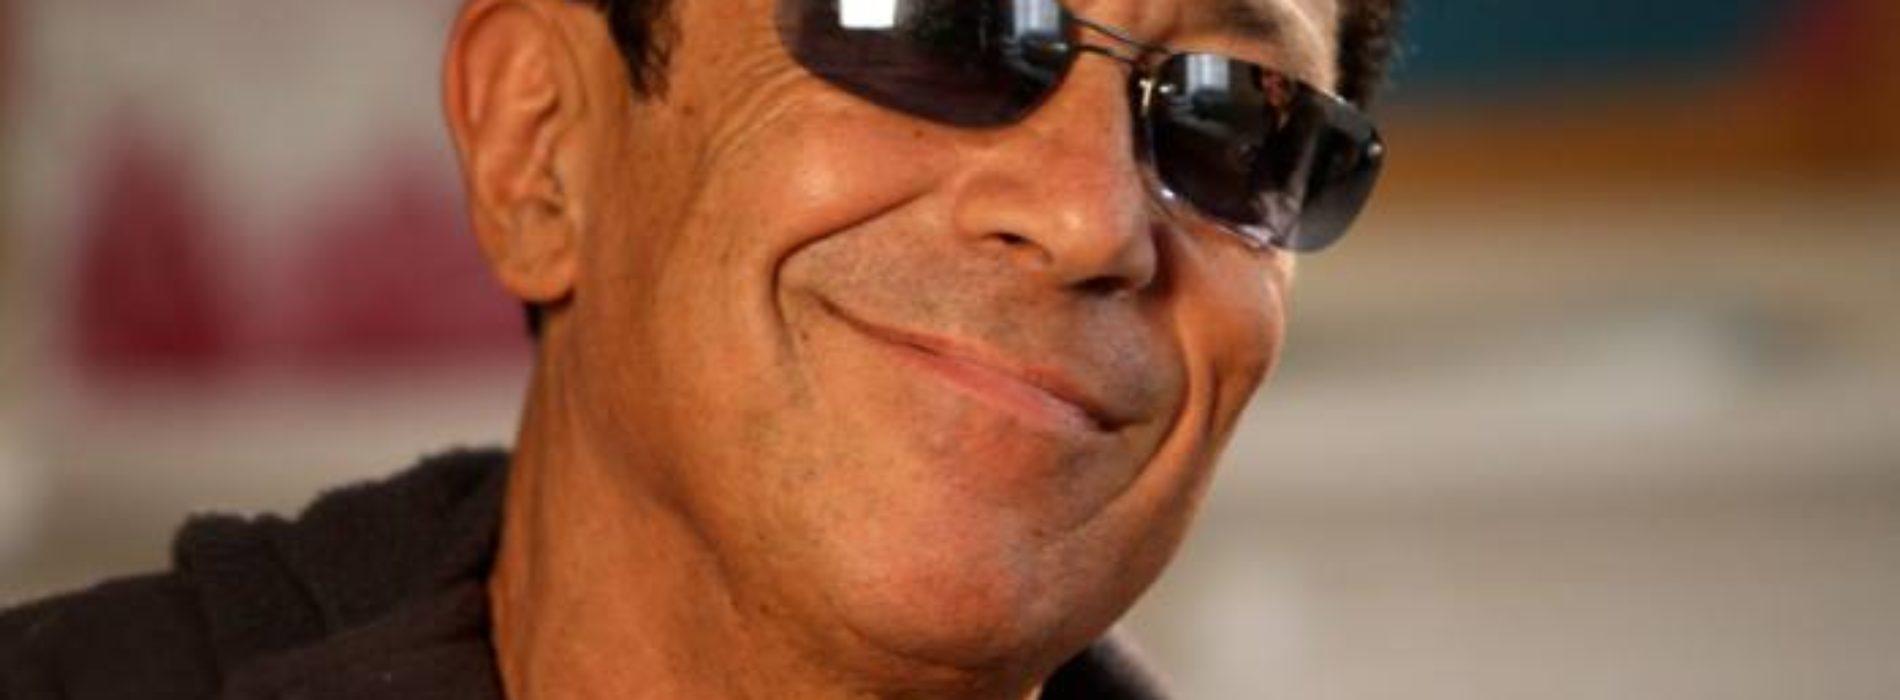 Edoardo Bennato: il cantautore napoletano considerato uno dei più grandi rocker italiani